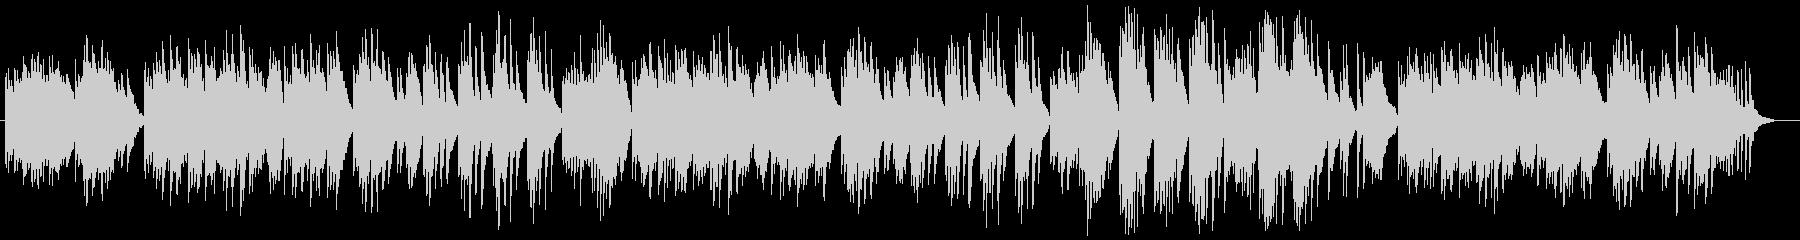 ピアノによるゆったりとしたバラードの未再生の波形